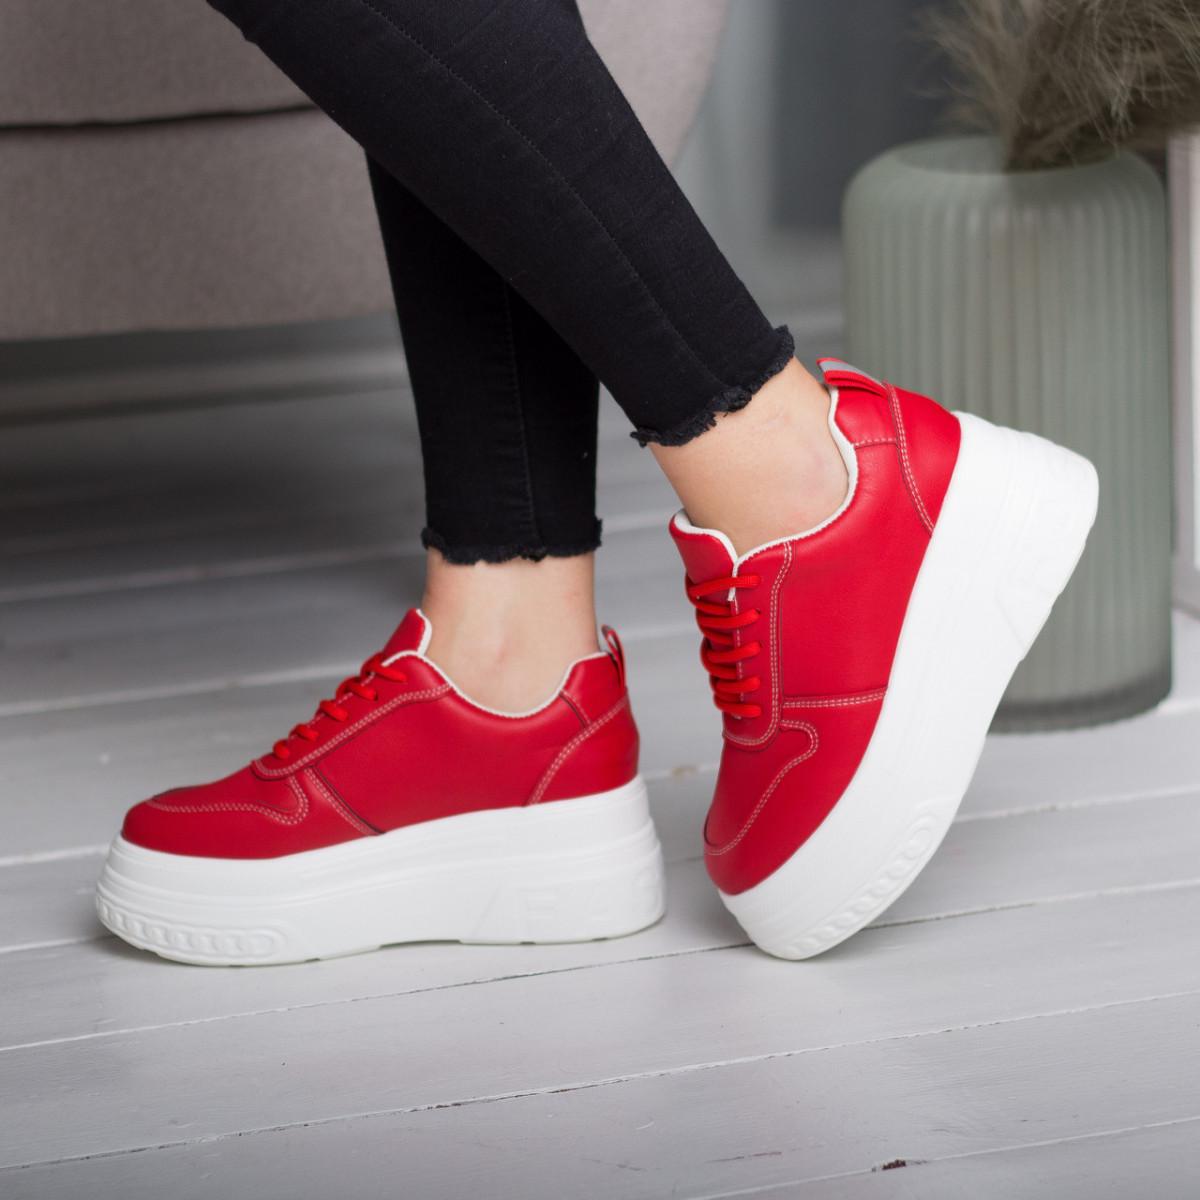 Сникеры женские Fashion Bowser 2599 37 размер 23,5 см Красный